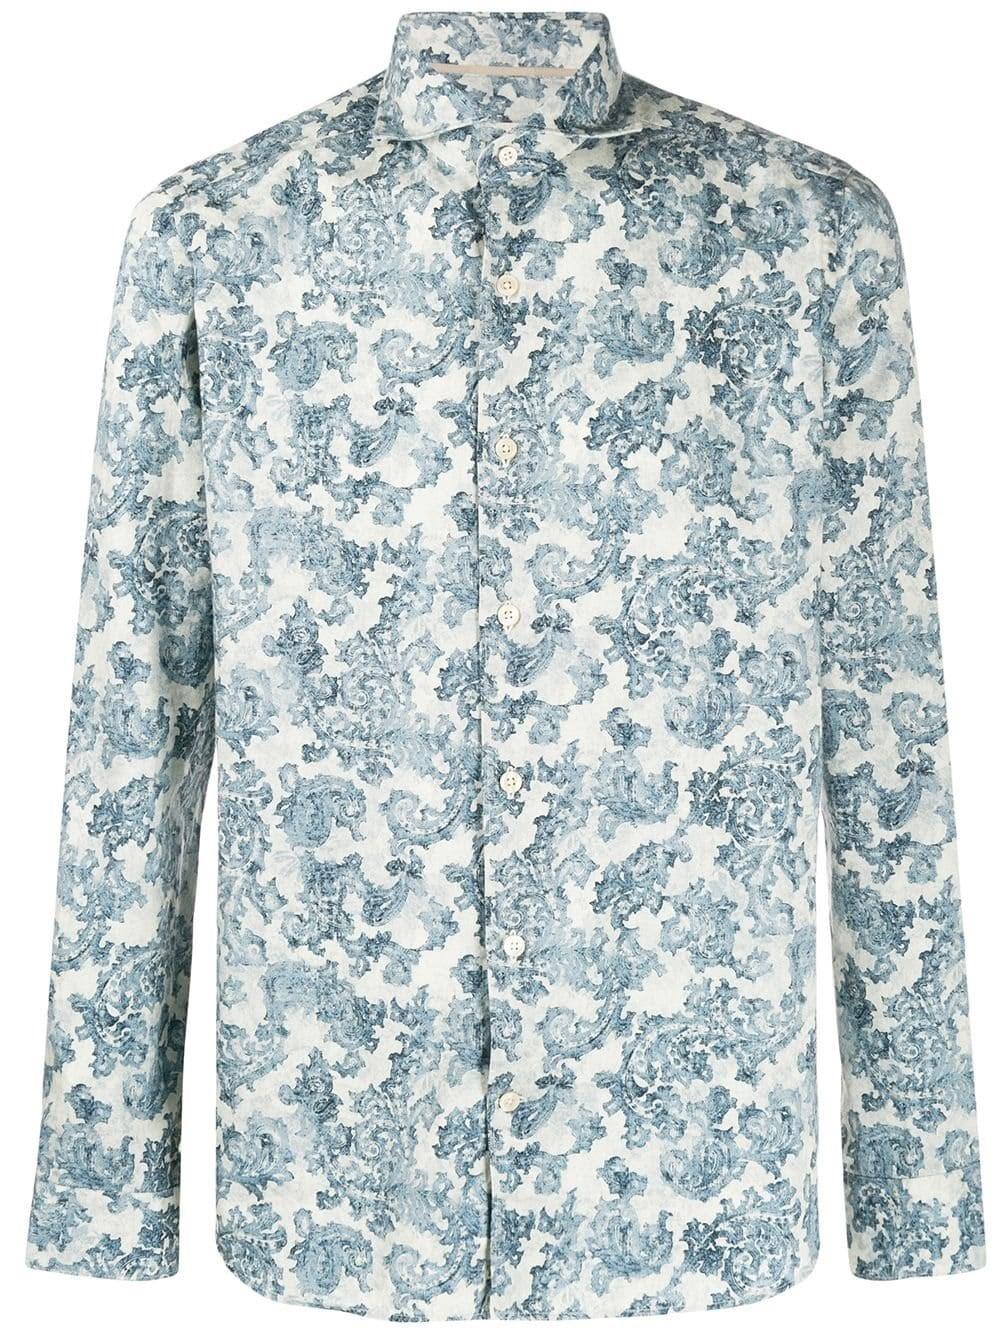 AL DUCA D'AOSTA 1902 Cashmere Print Cotton Shirt